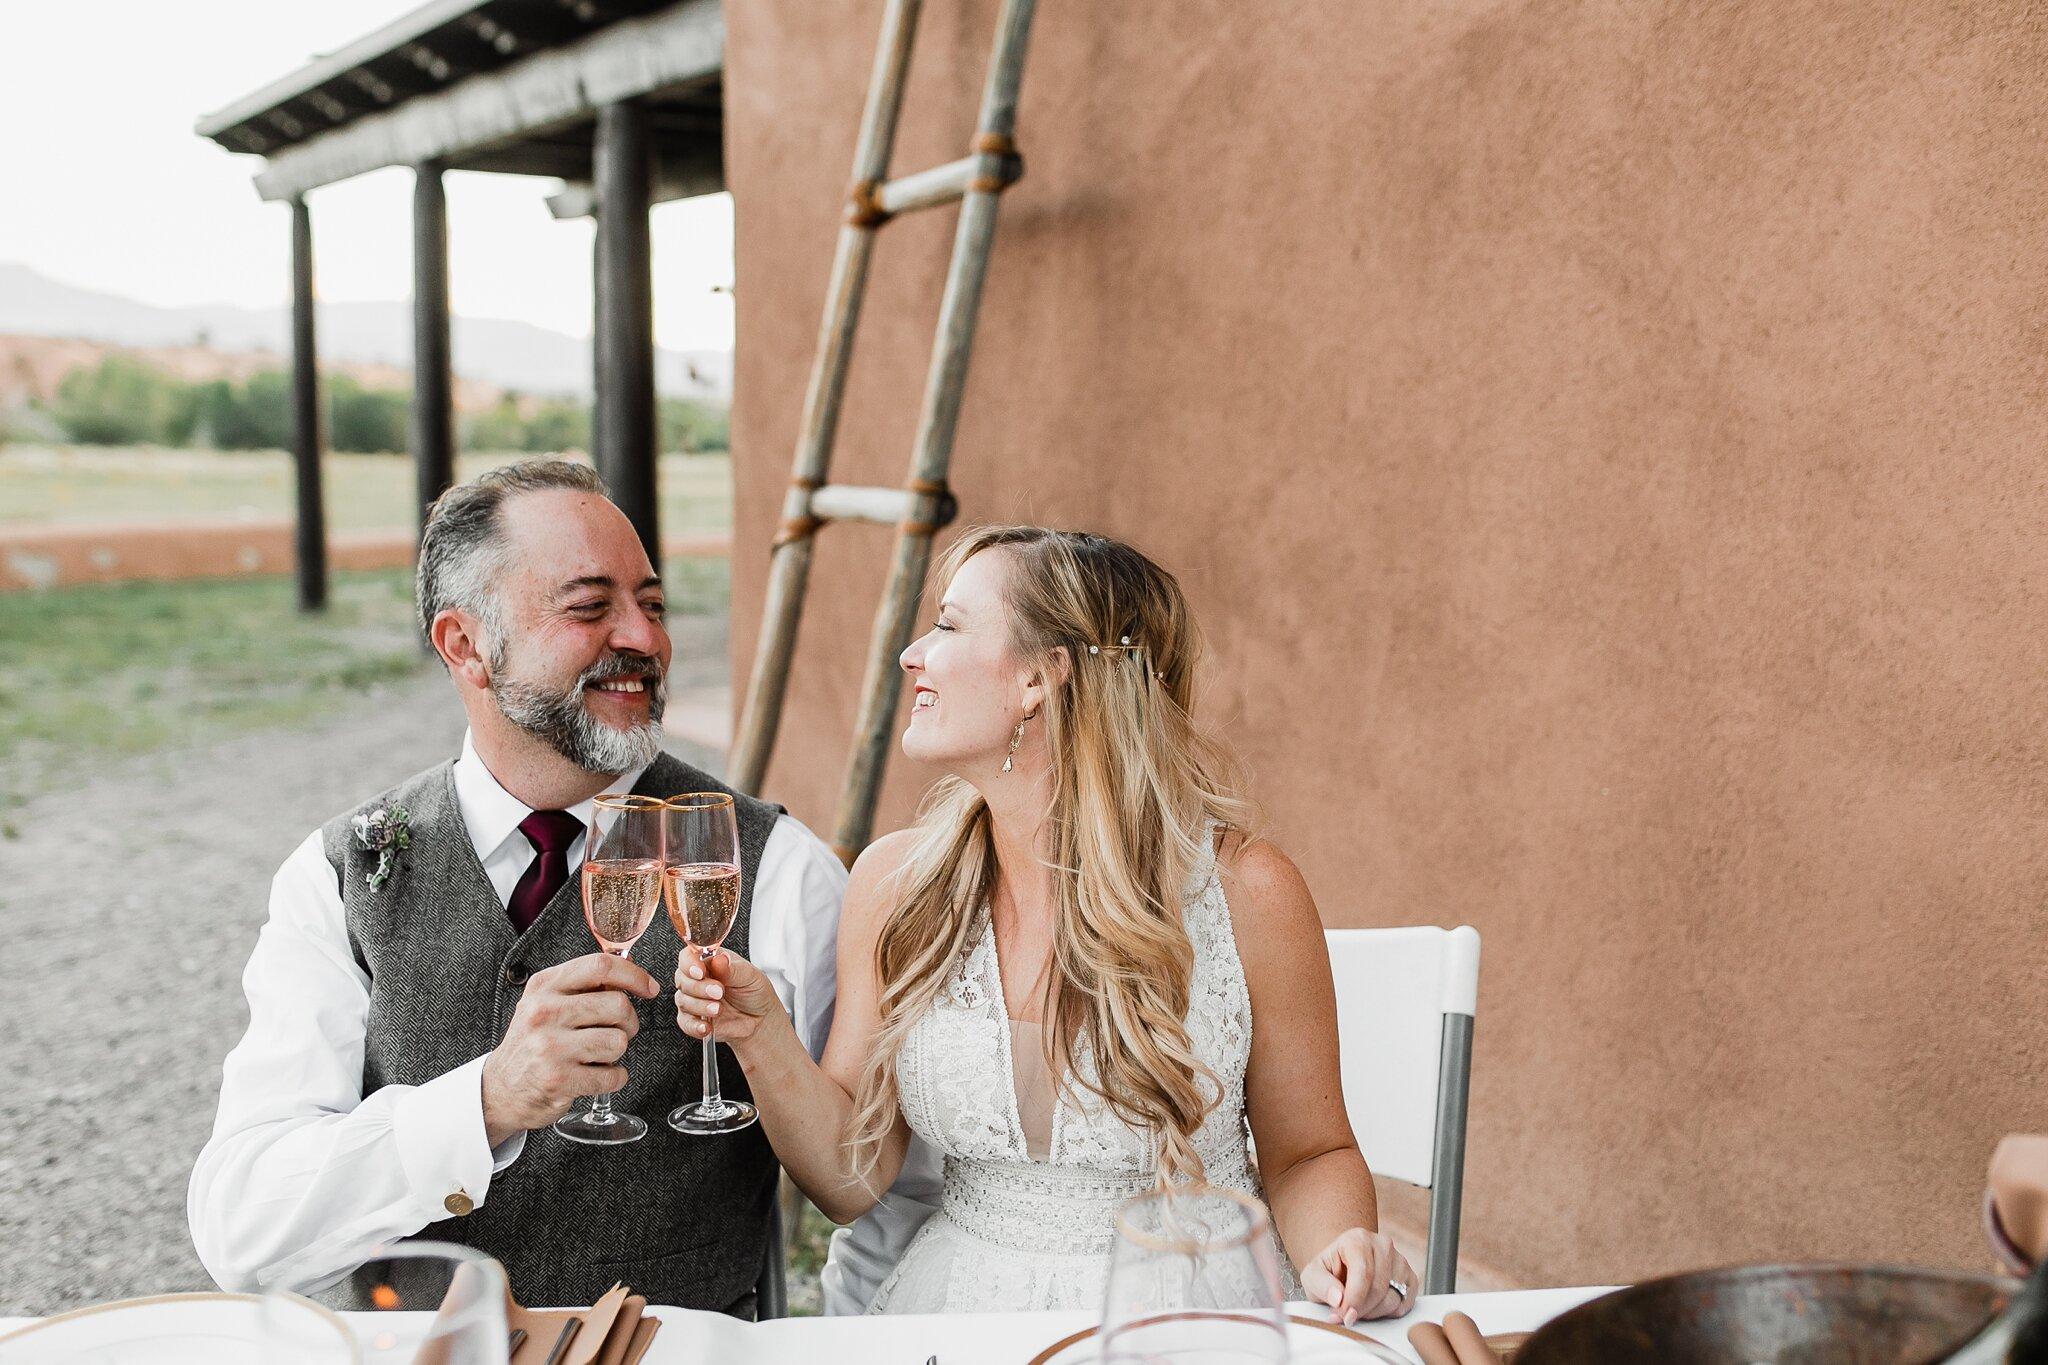 Alicia+lucia+photography+-+albuquerque+wedding+photographer+-+santa+fe+wedding+photography+-+new+mexico+wedding+photographer+-+new+mexico+wedding+-+wedding+-+santa+fe+wedding+-+ghost+ranch+-+ghost+ranch+wedding+-+fall+wedding_0075.jpg